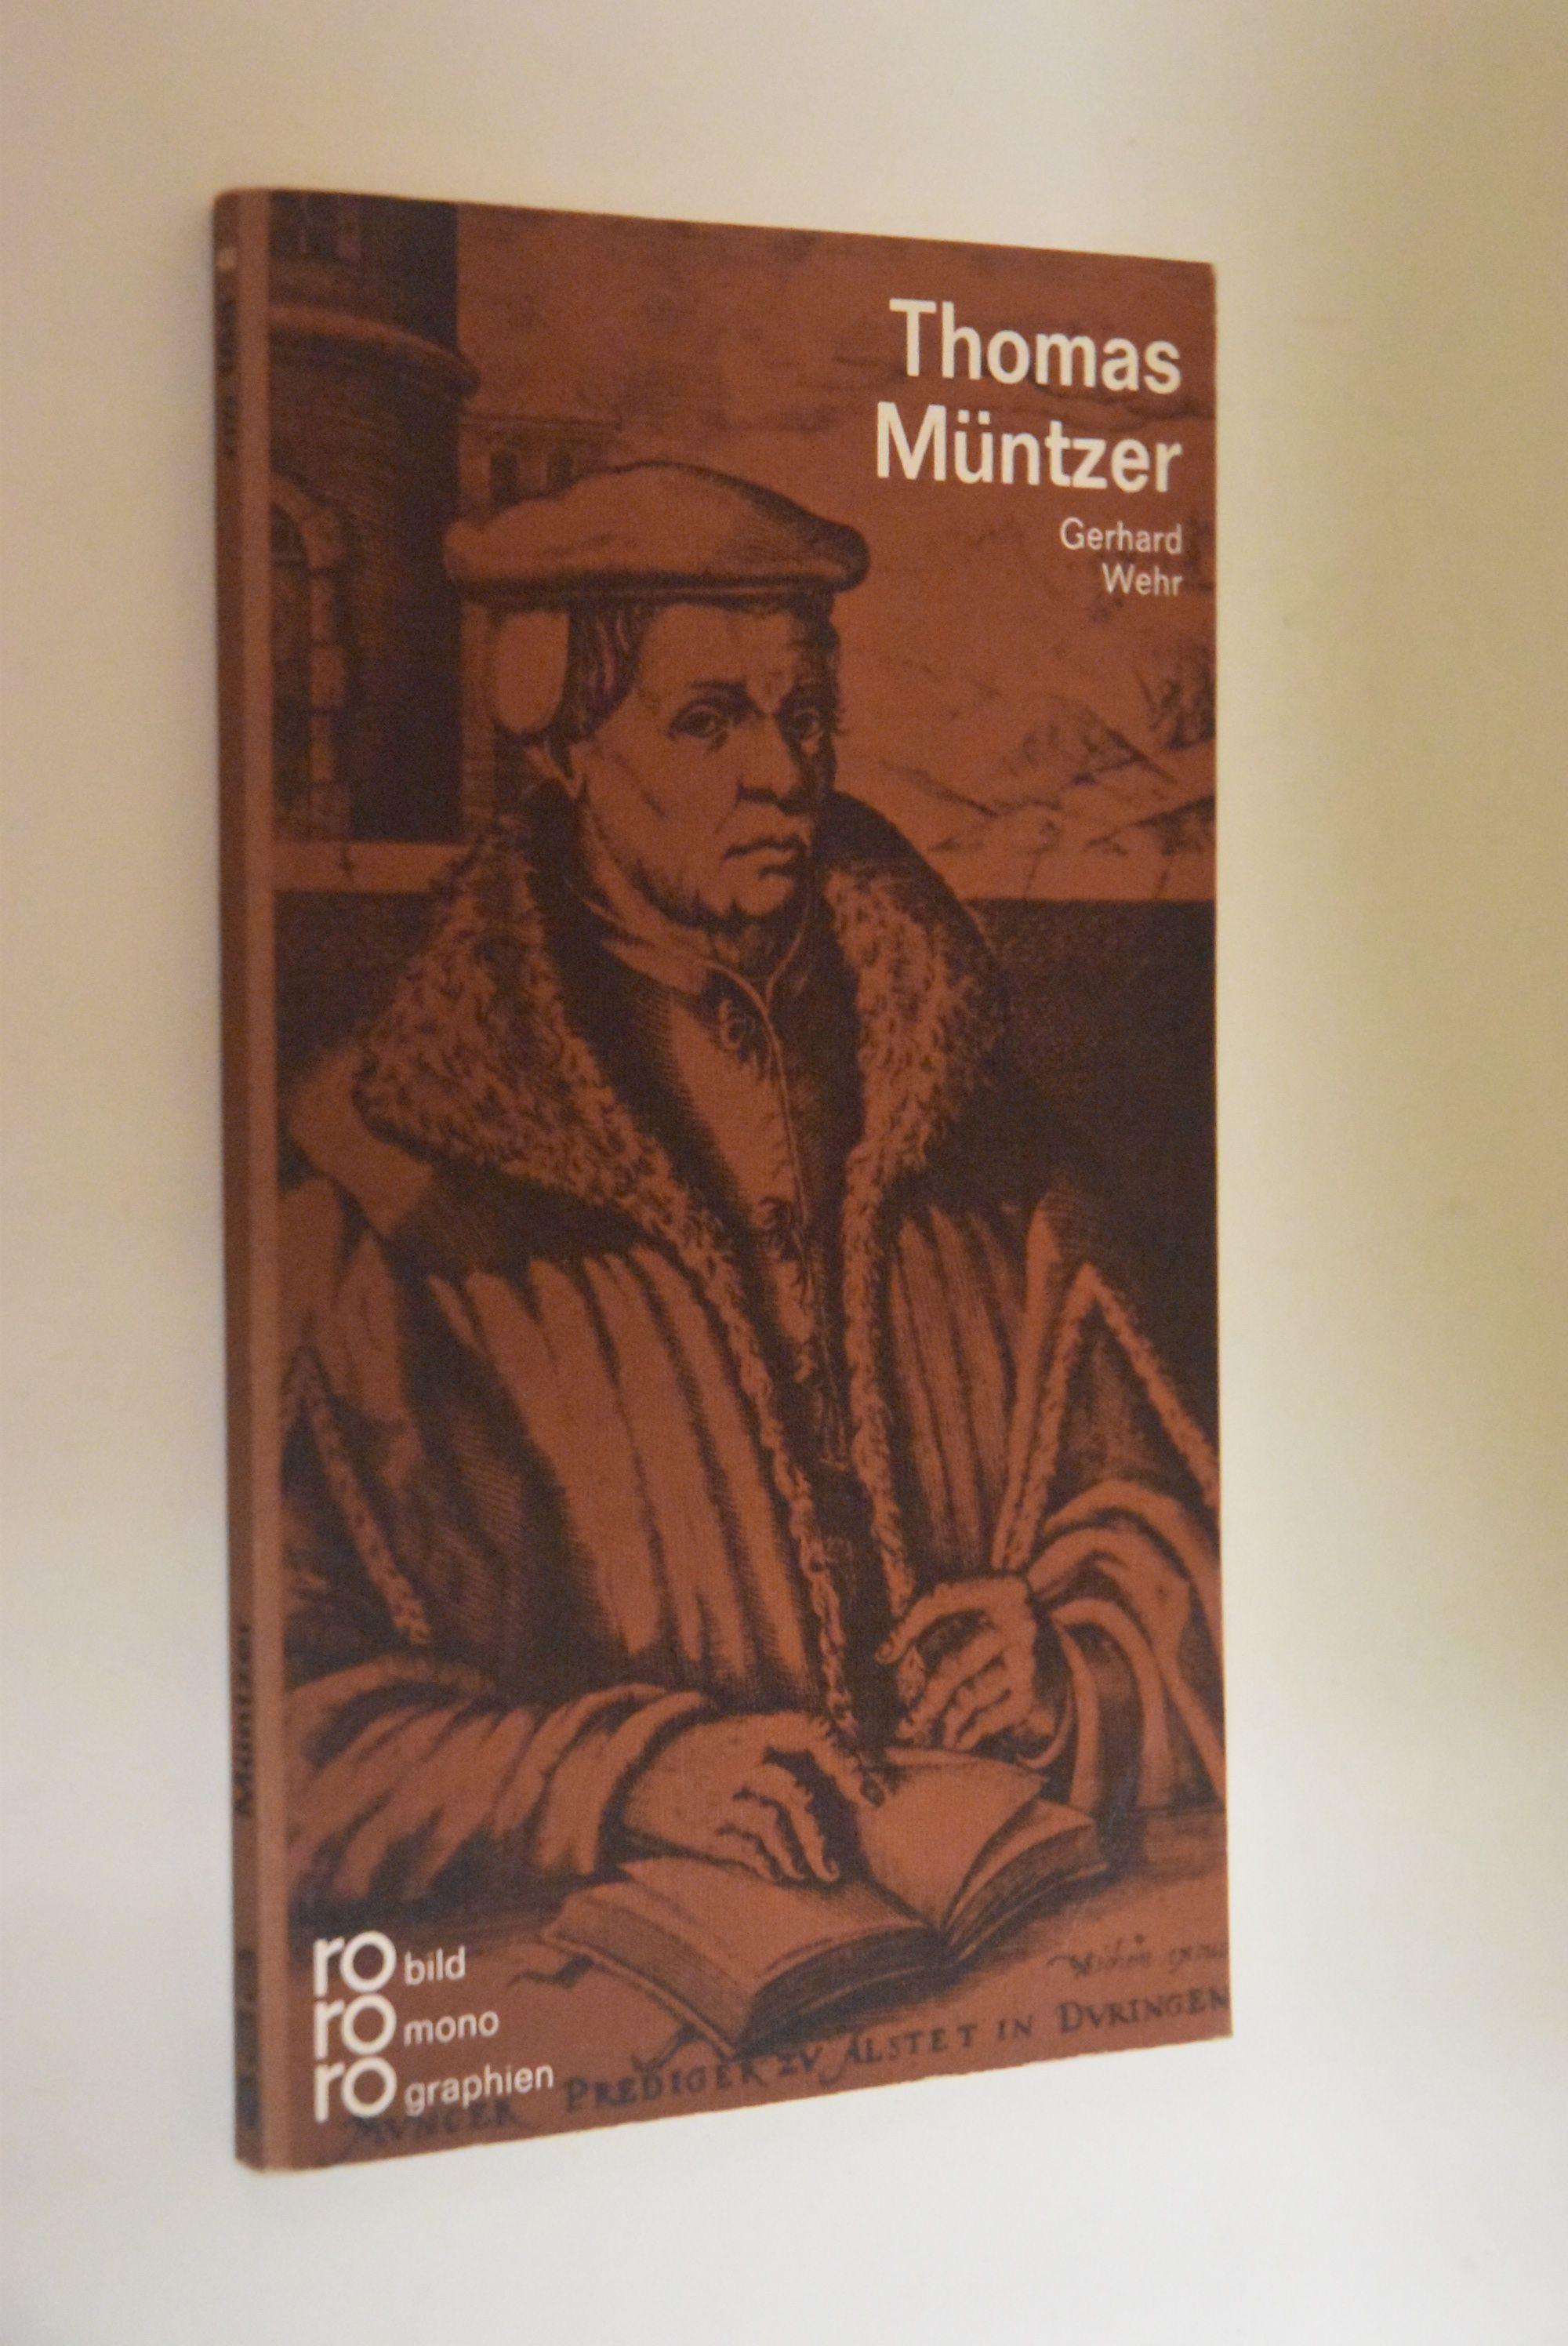 Thomas Müntzer in Selbstzeugnissen und Bilddokumenten. dargestellt von. [Hrsg.: Kurt Kusenberg] / rowohlts monographien ; 188 - Wehr, Gerhard